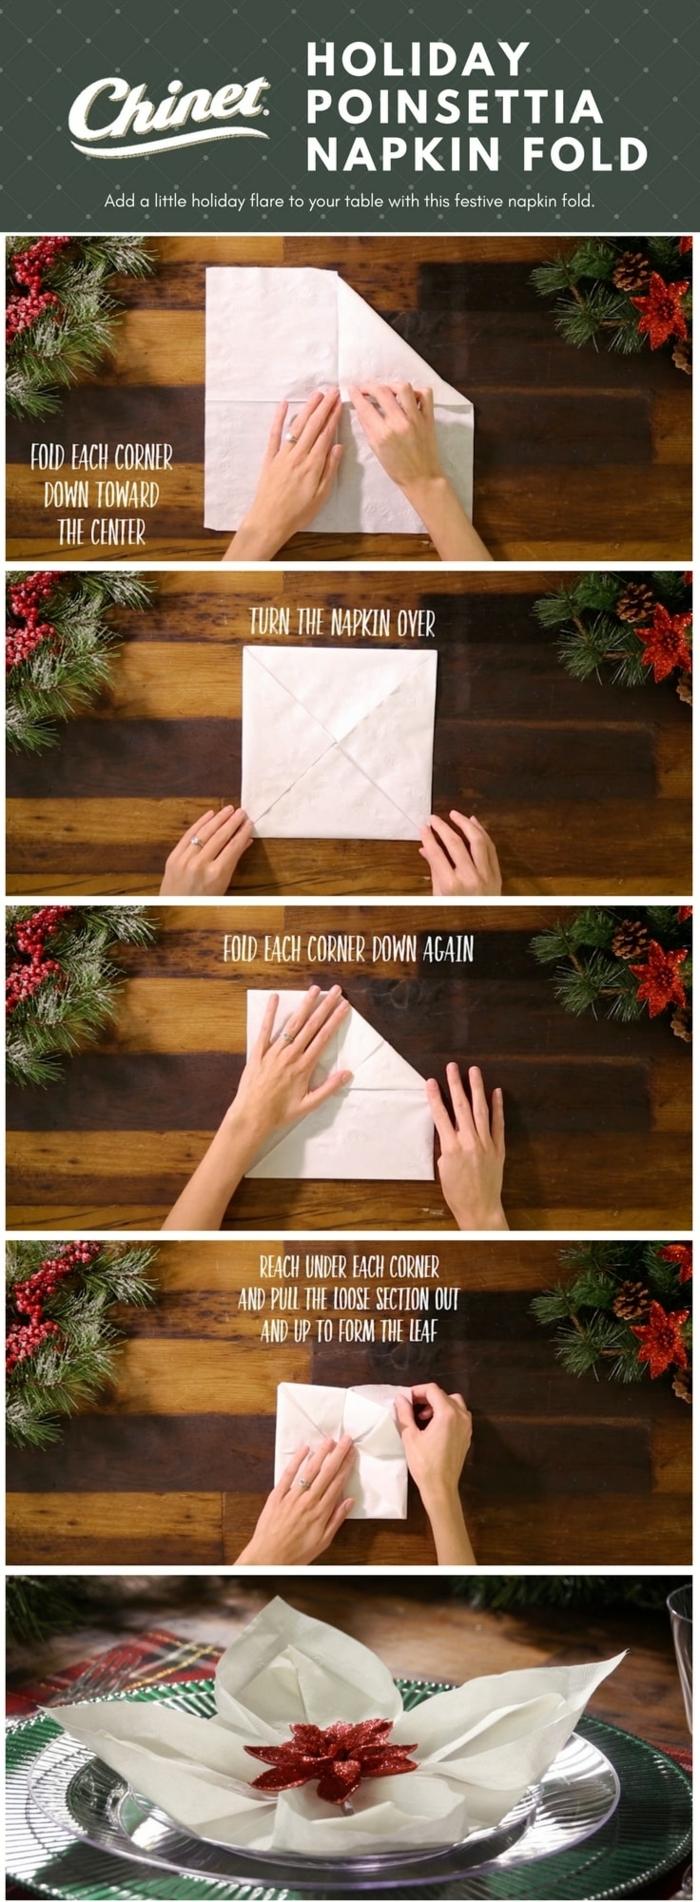 schritt für schritt erklärung servietten falten weihnachten einfach dekoration für den tisch poinsettie weihnachtsstern falten diy